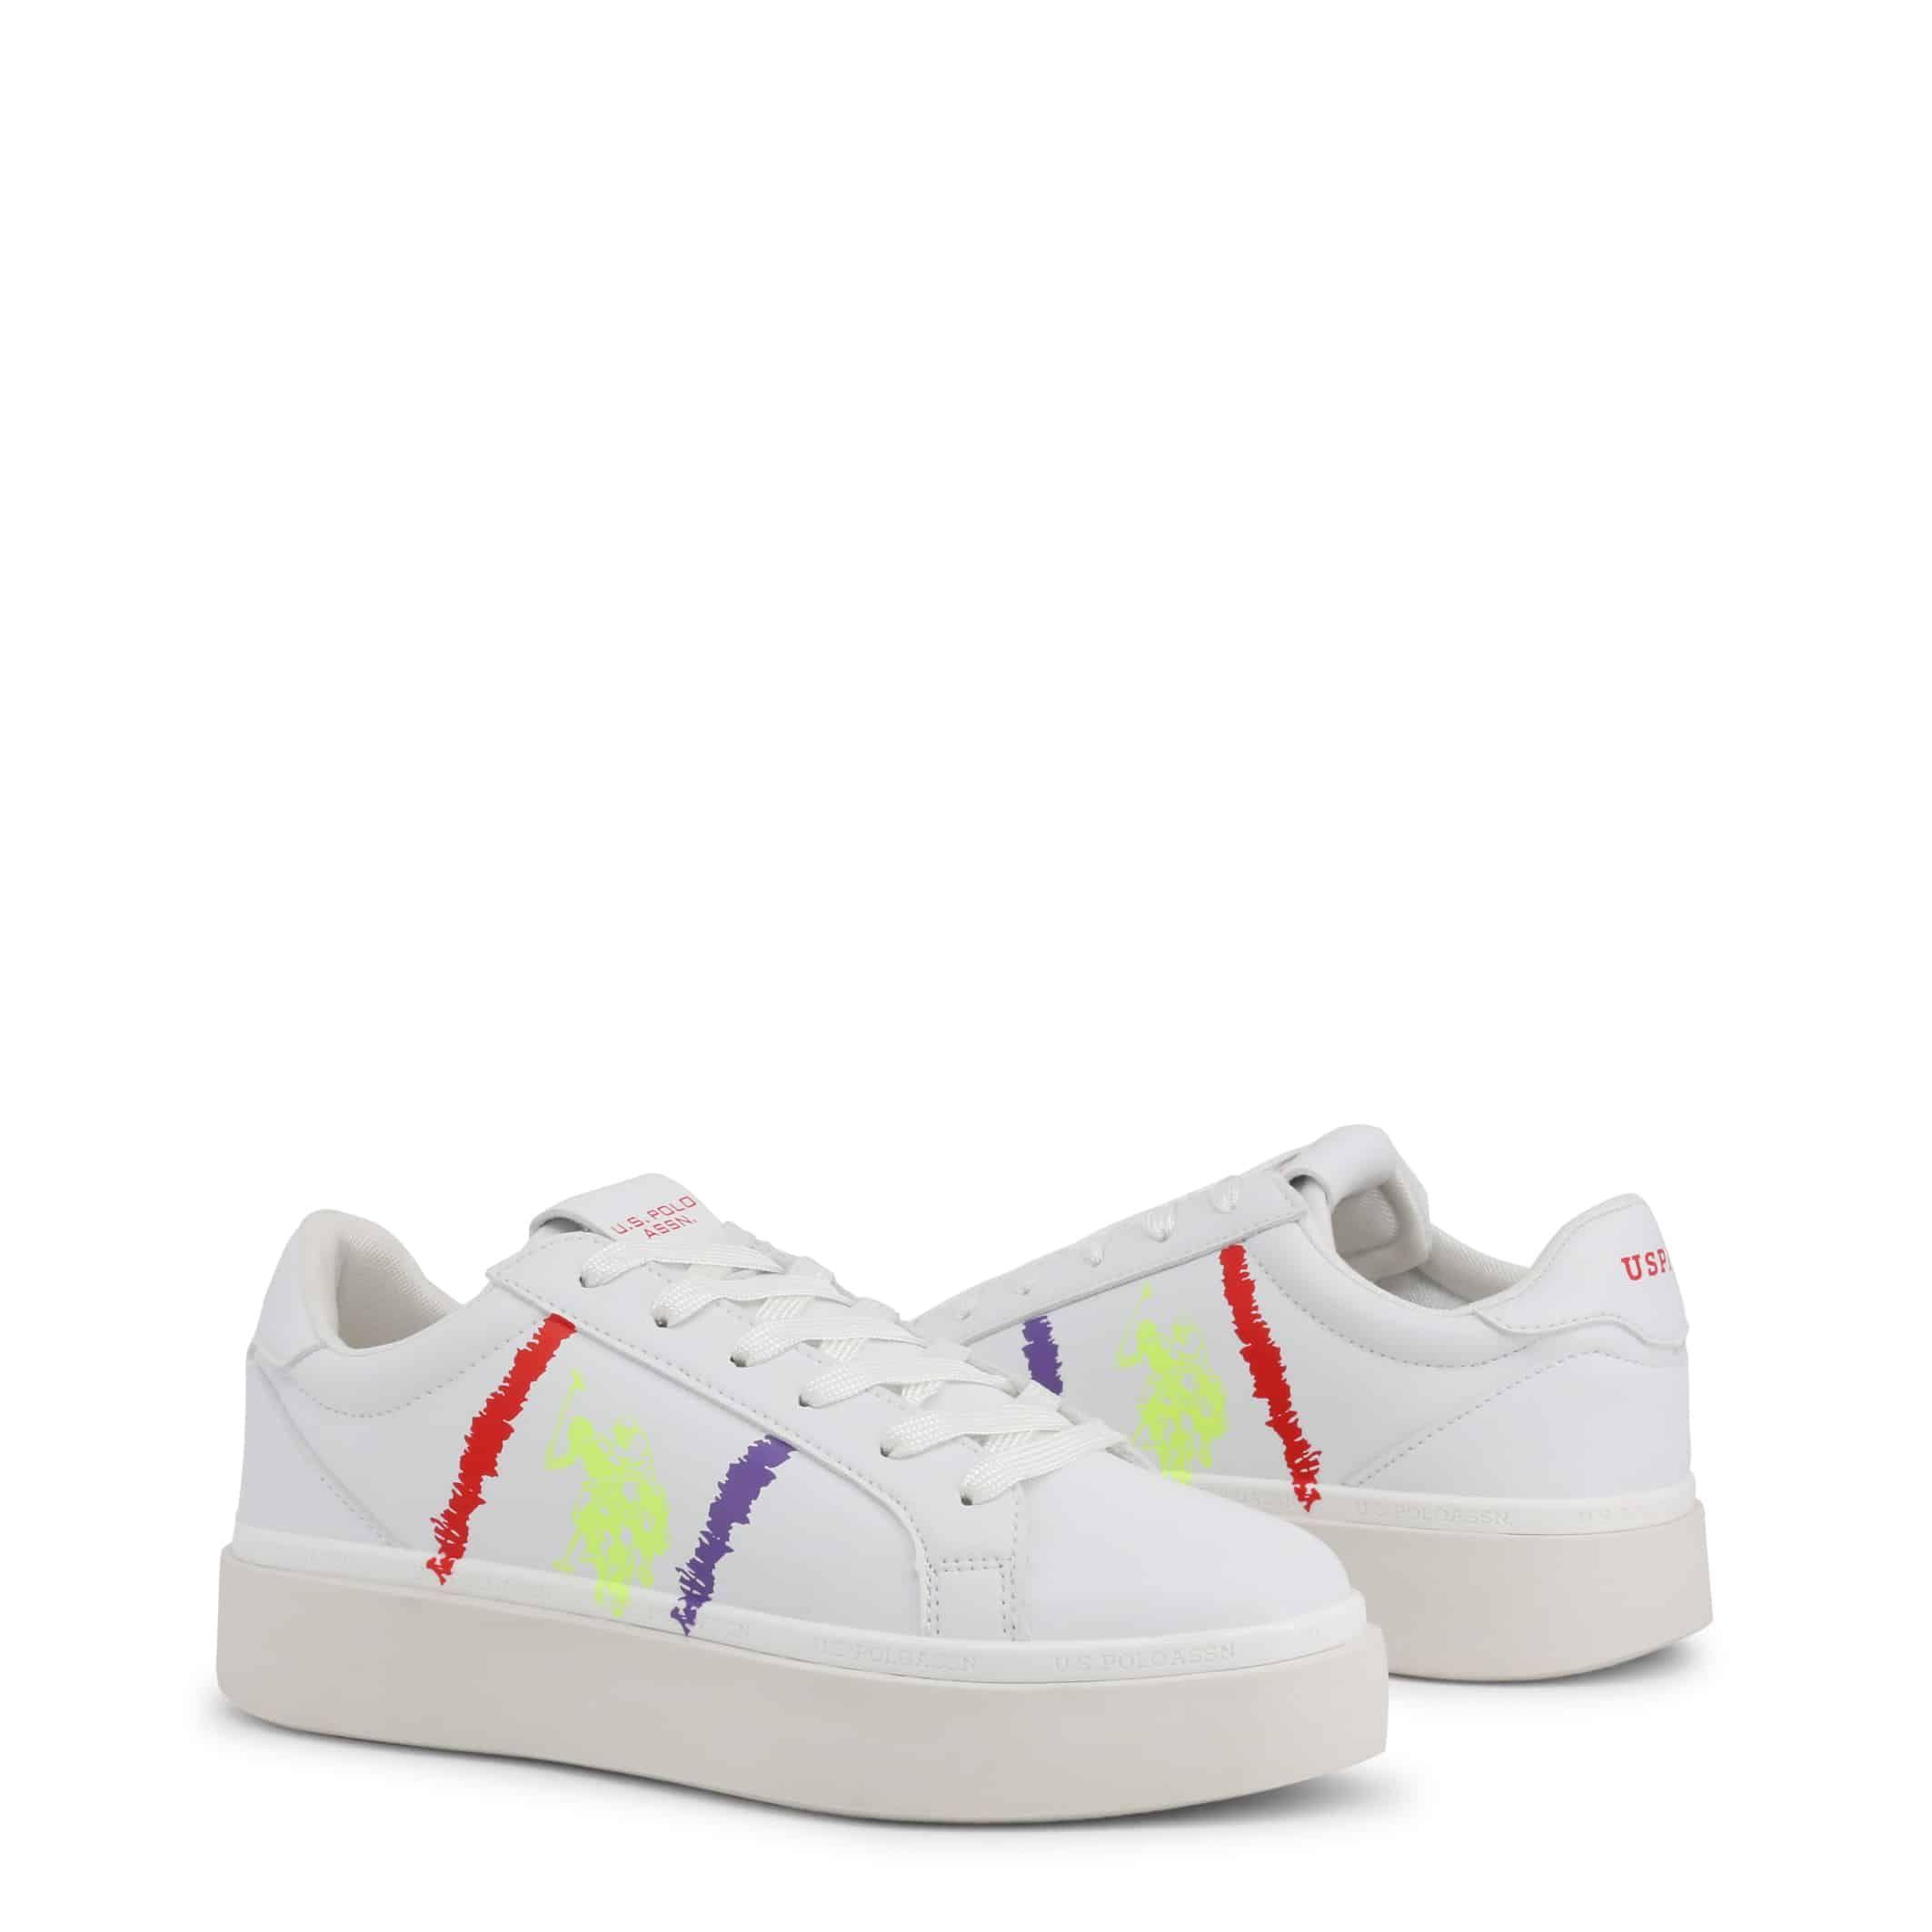 Schuhe U.S. Polo Assn. – LUCY4179S0_Y1 – Weiß